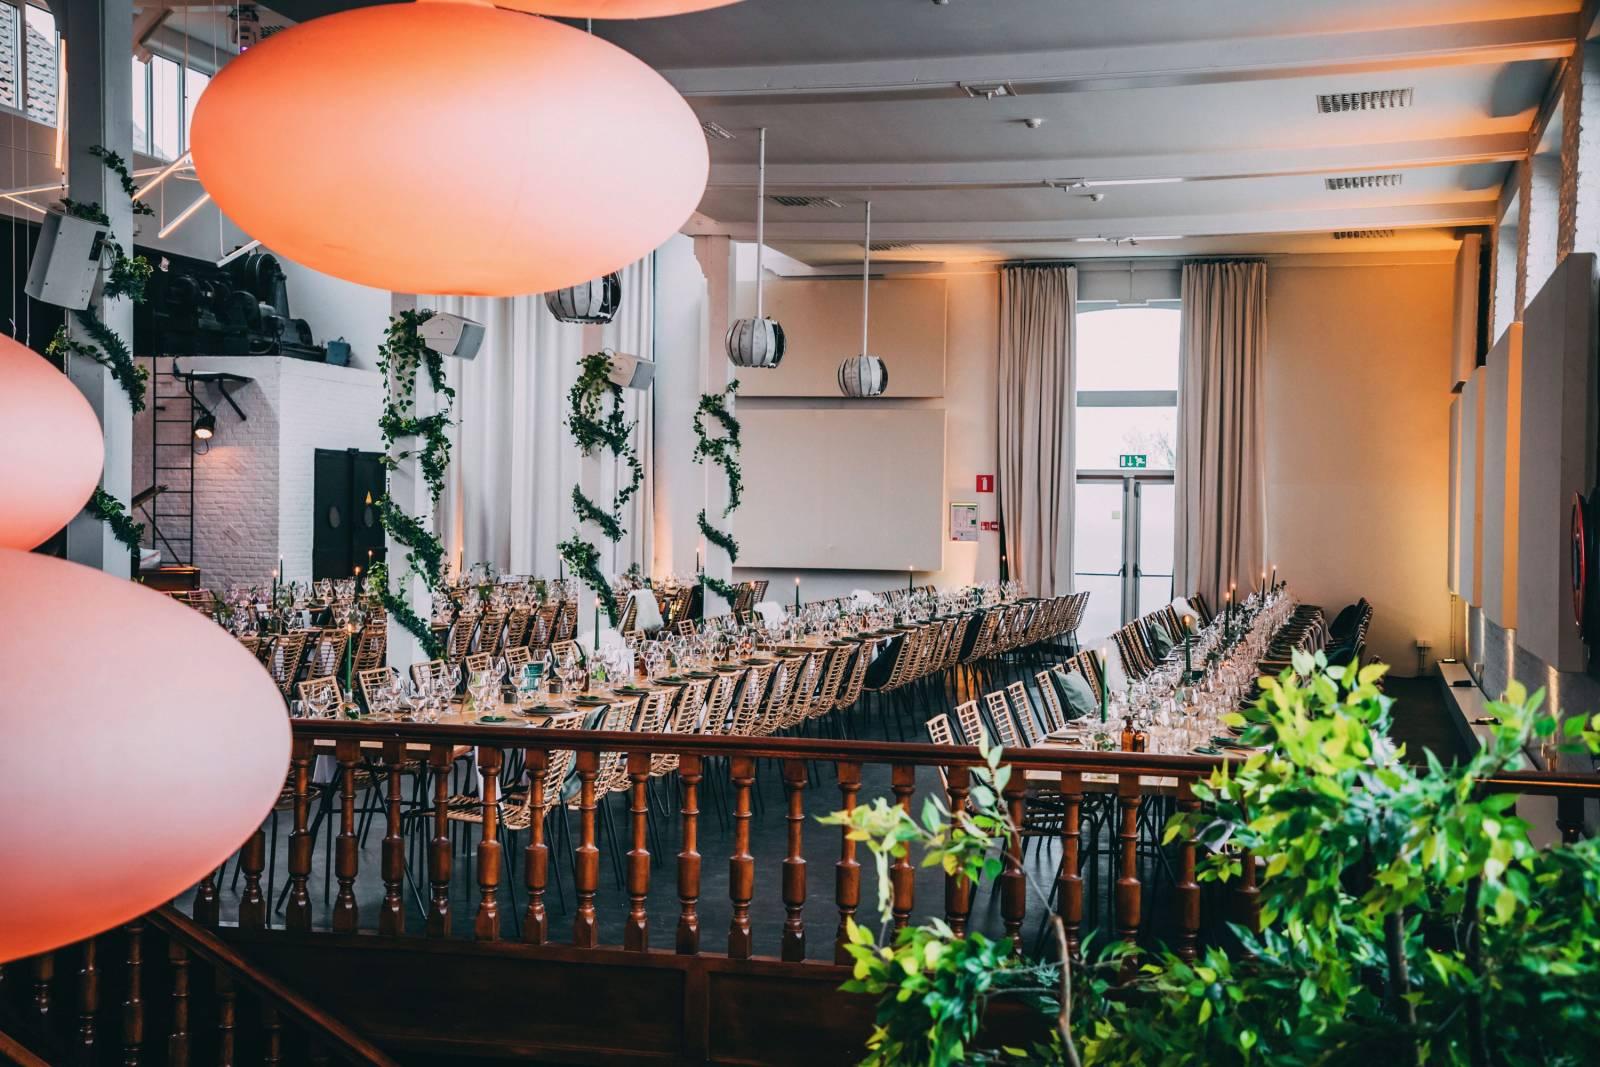 Zaal Lux - Feestzaal - Eventlocatie te Gent - House of Events - 39